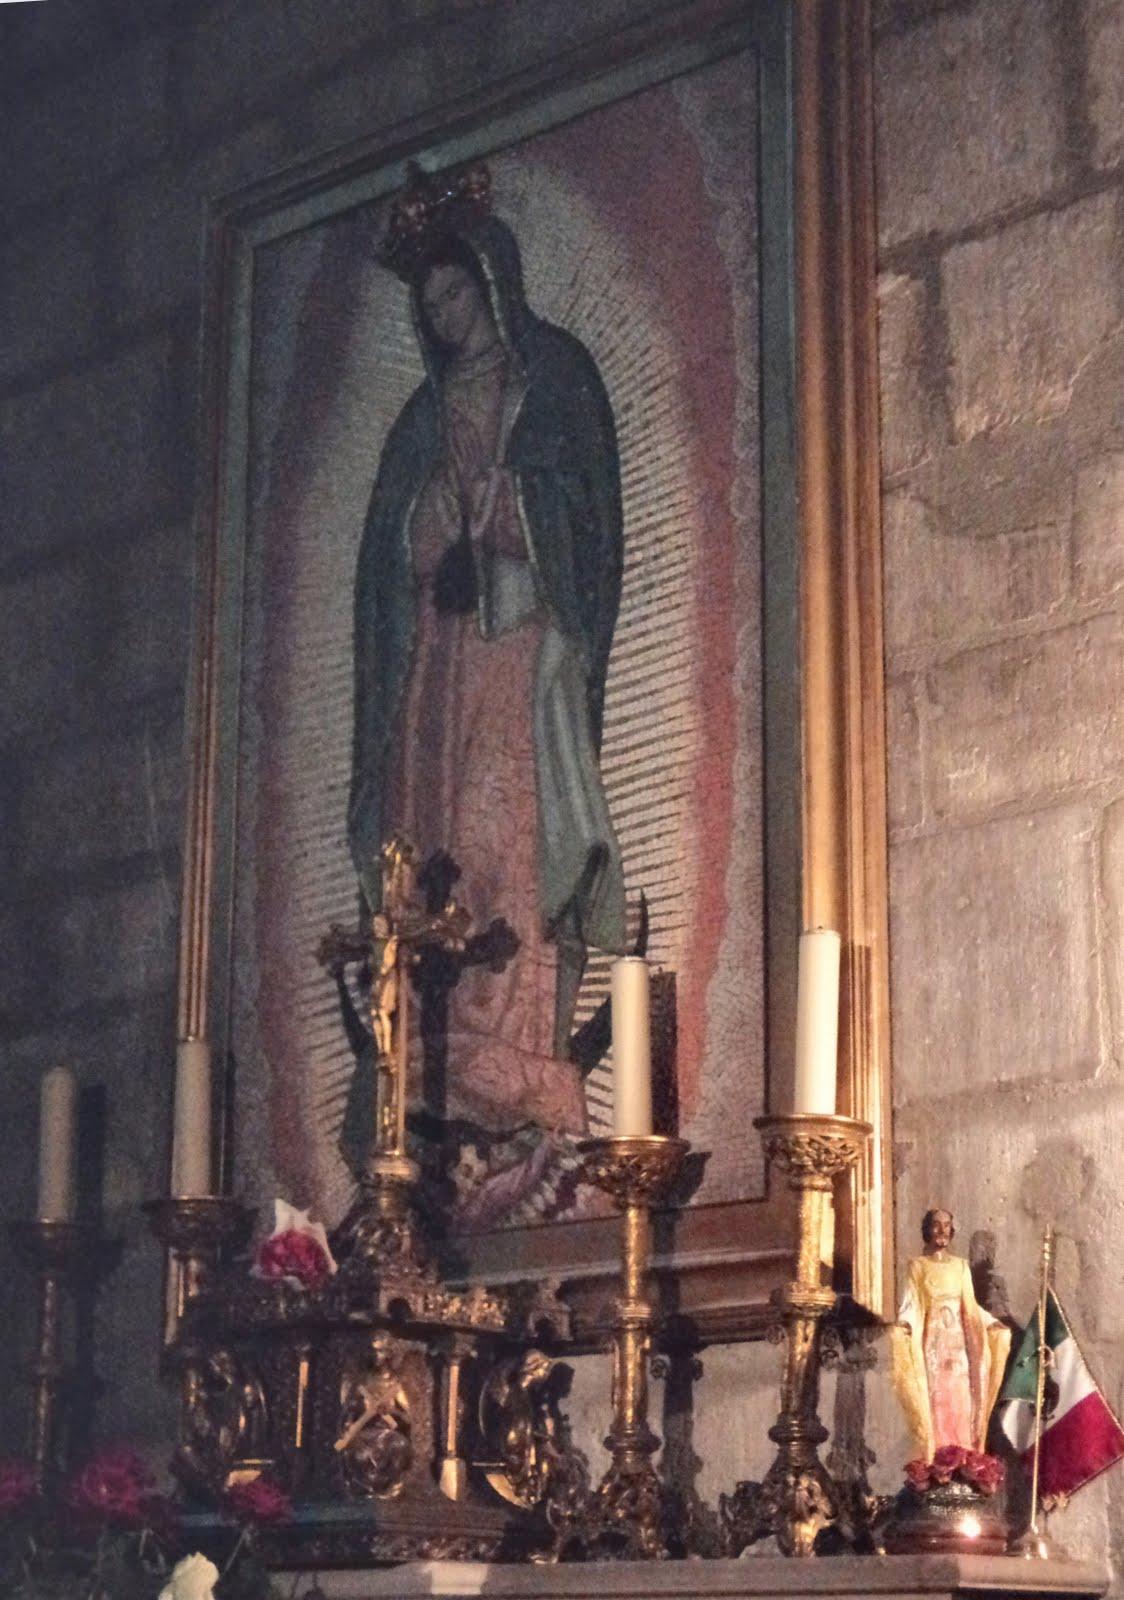 ... de La Vida: Capilla de la Virgen de Guadalupe en Notre Dame de París